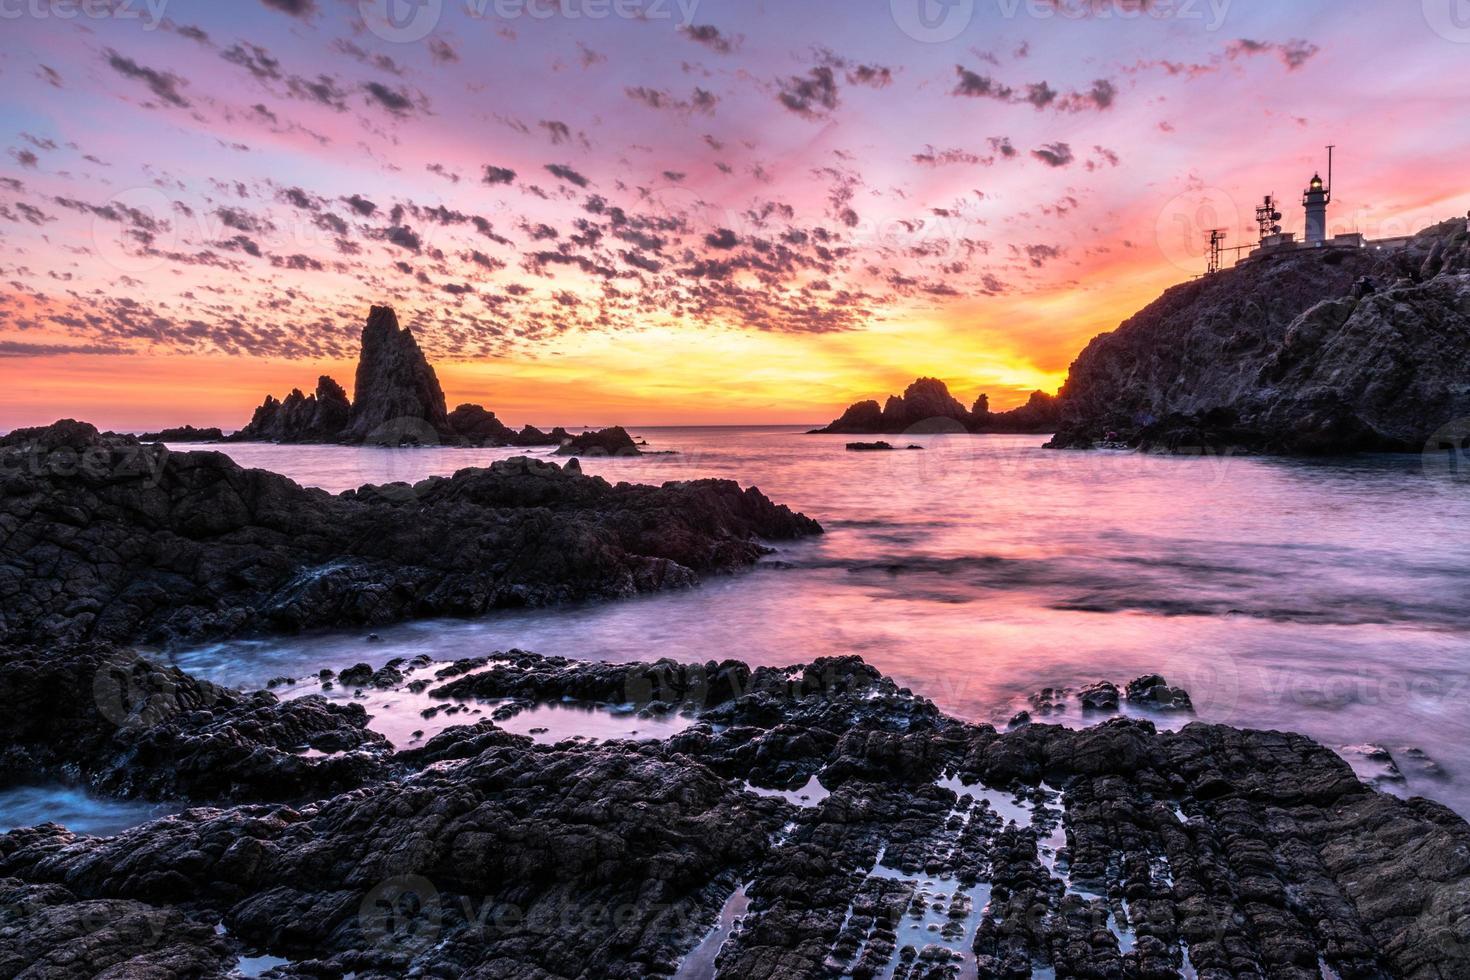 zonsondergang op een prachtige kust foto